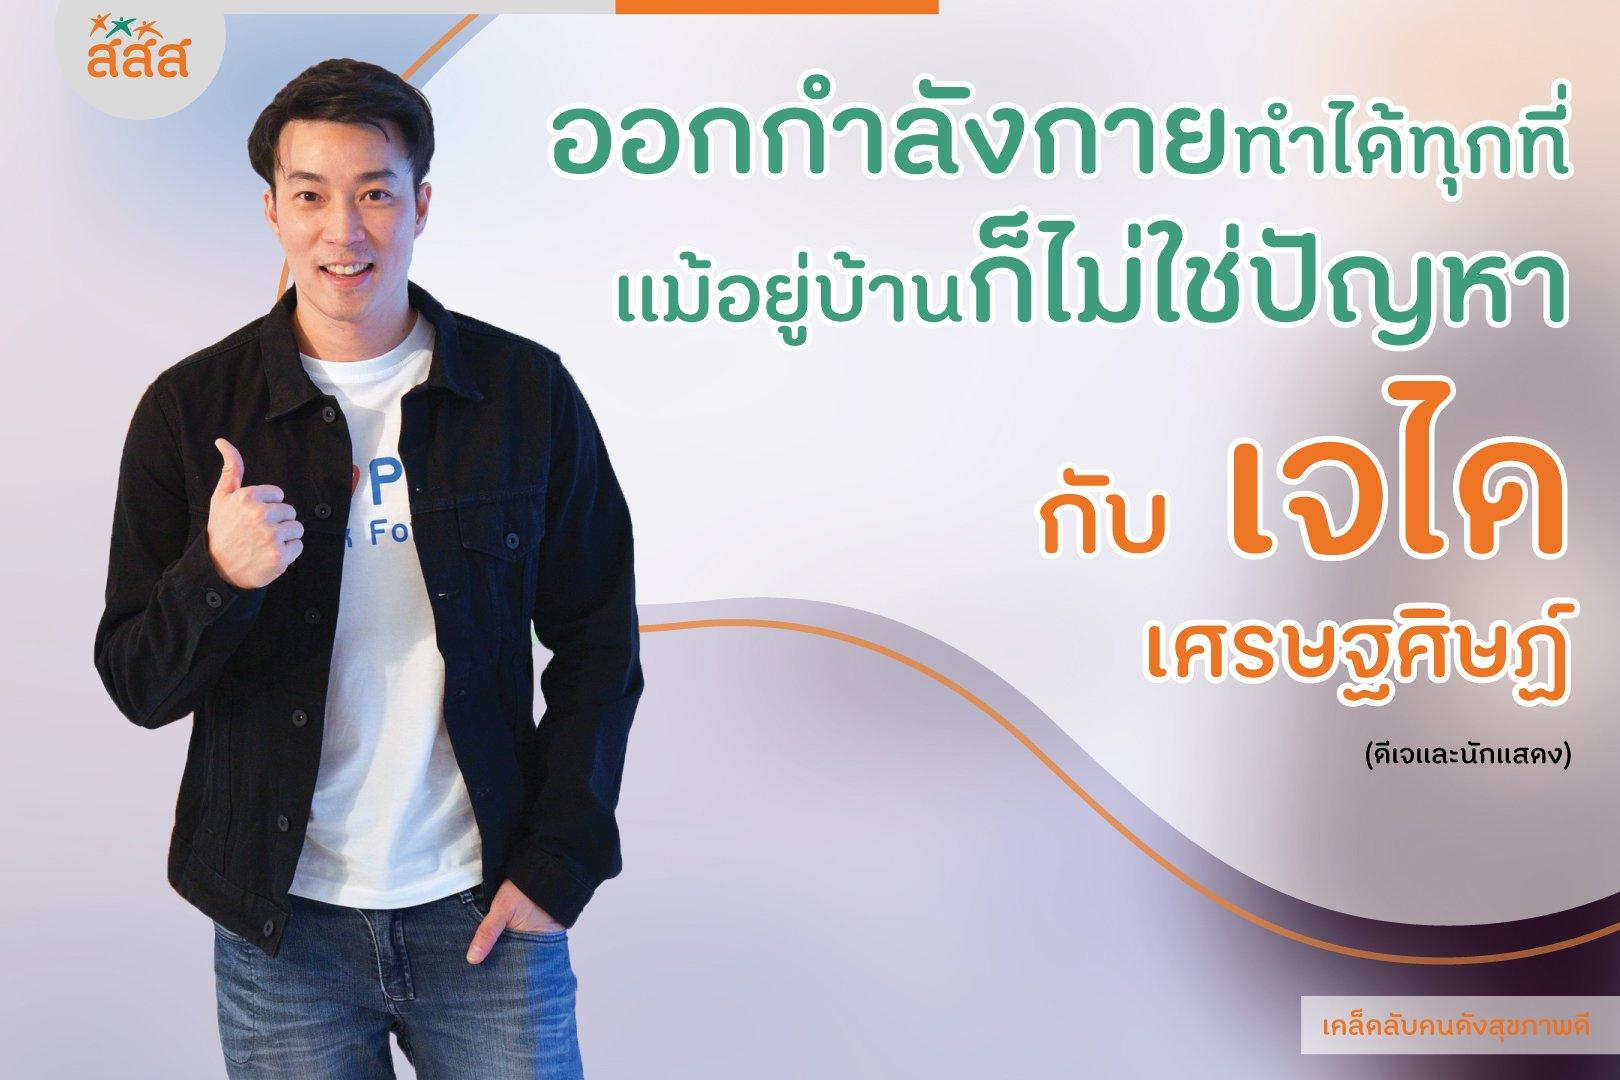 ออกกำลังกายทำได้ทุกที่ แม้อยู่บ้านก็ไม่ใช่ปัญหา thaihealth